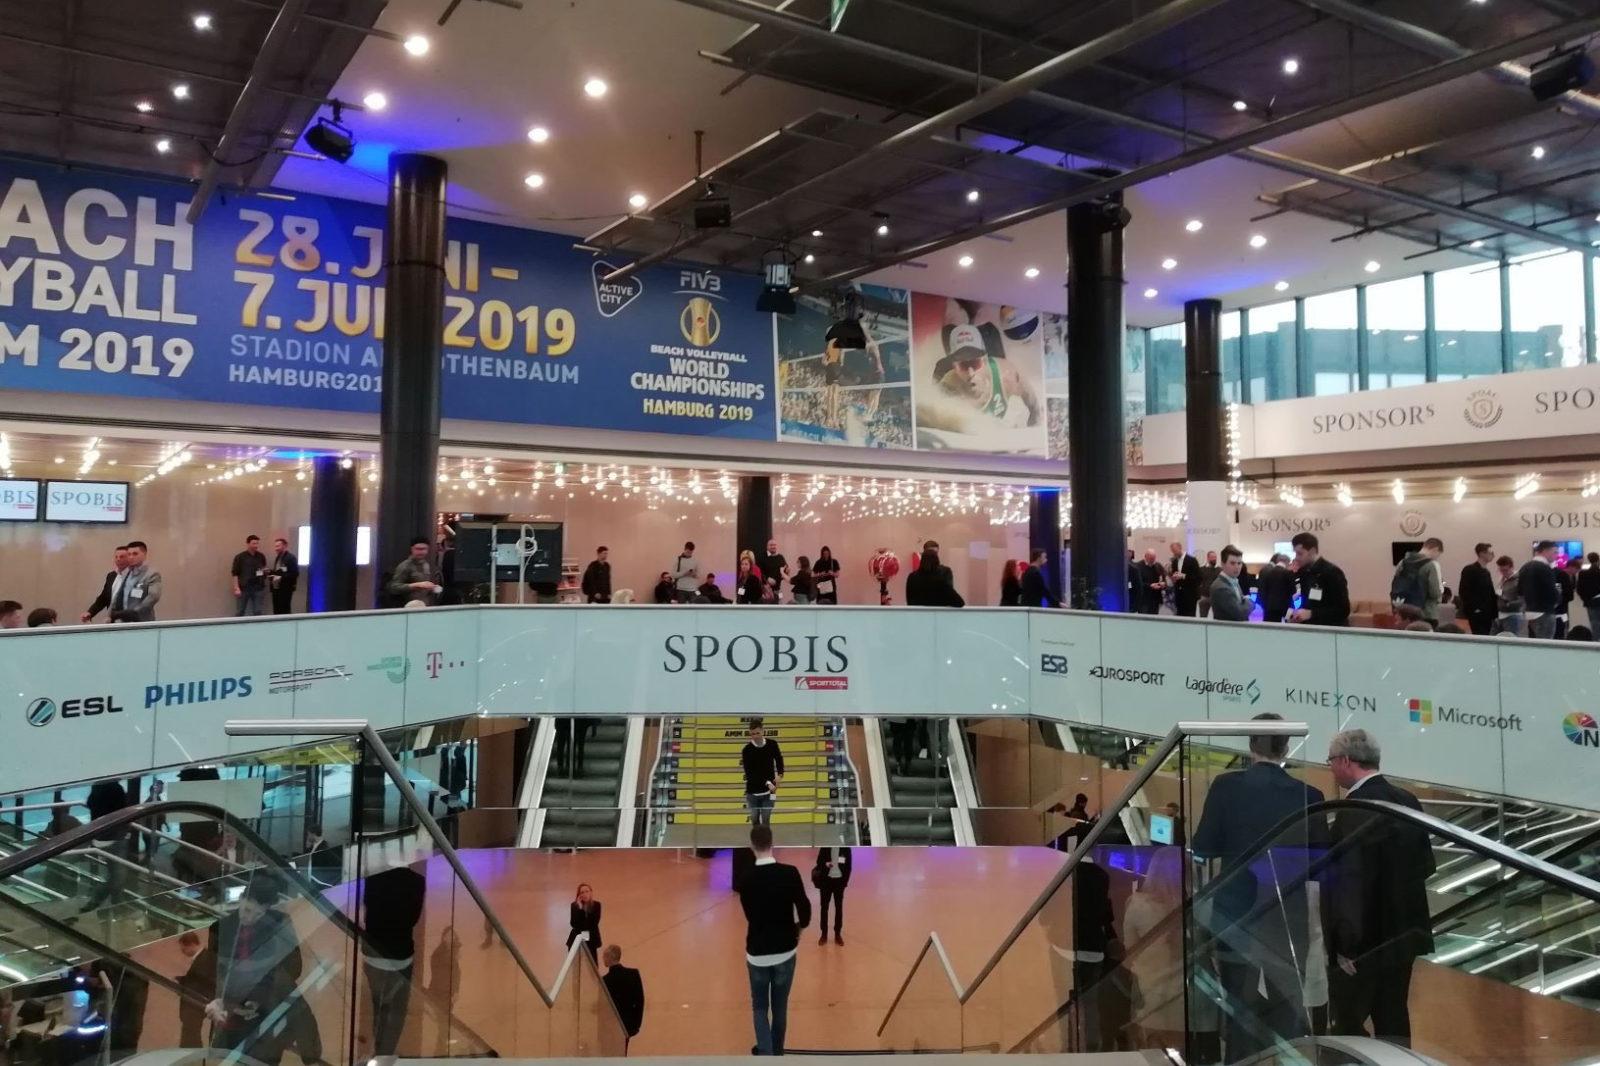 Spobis_2019_Entry